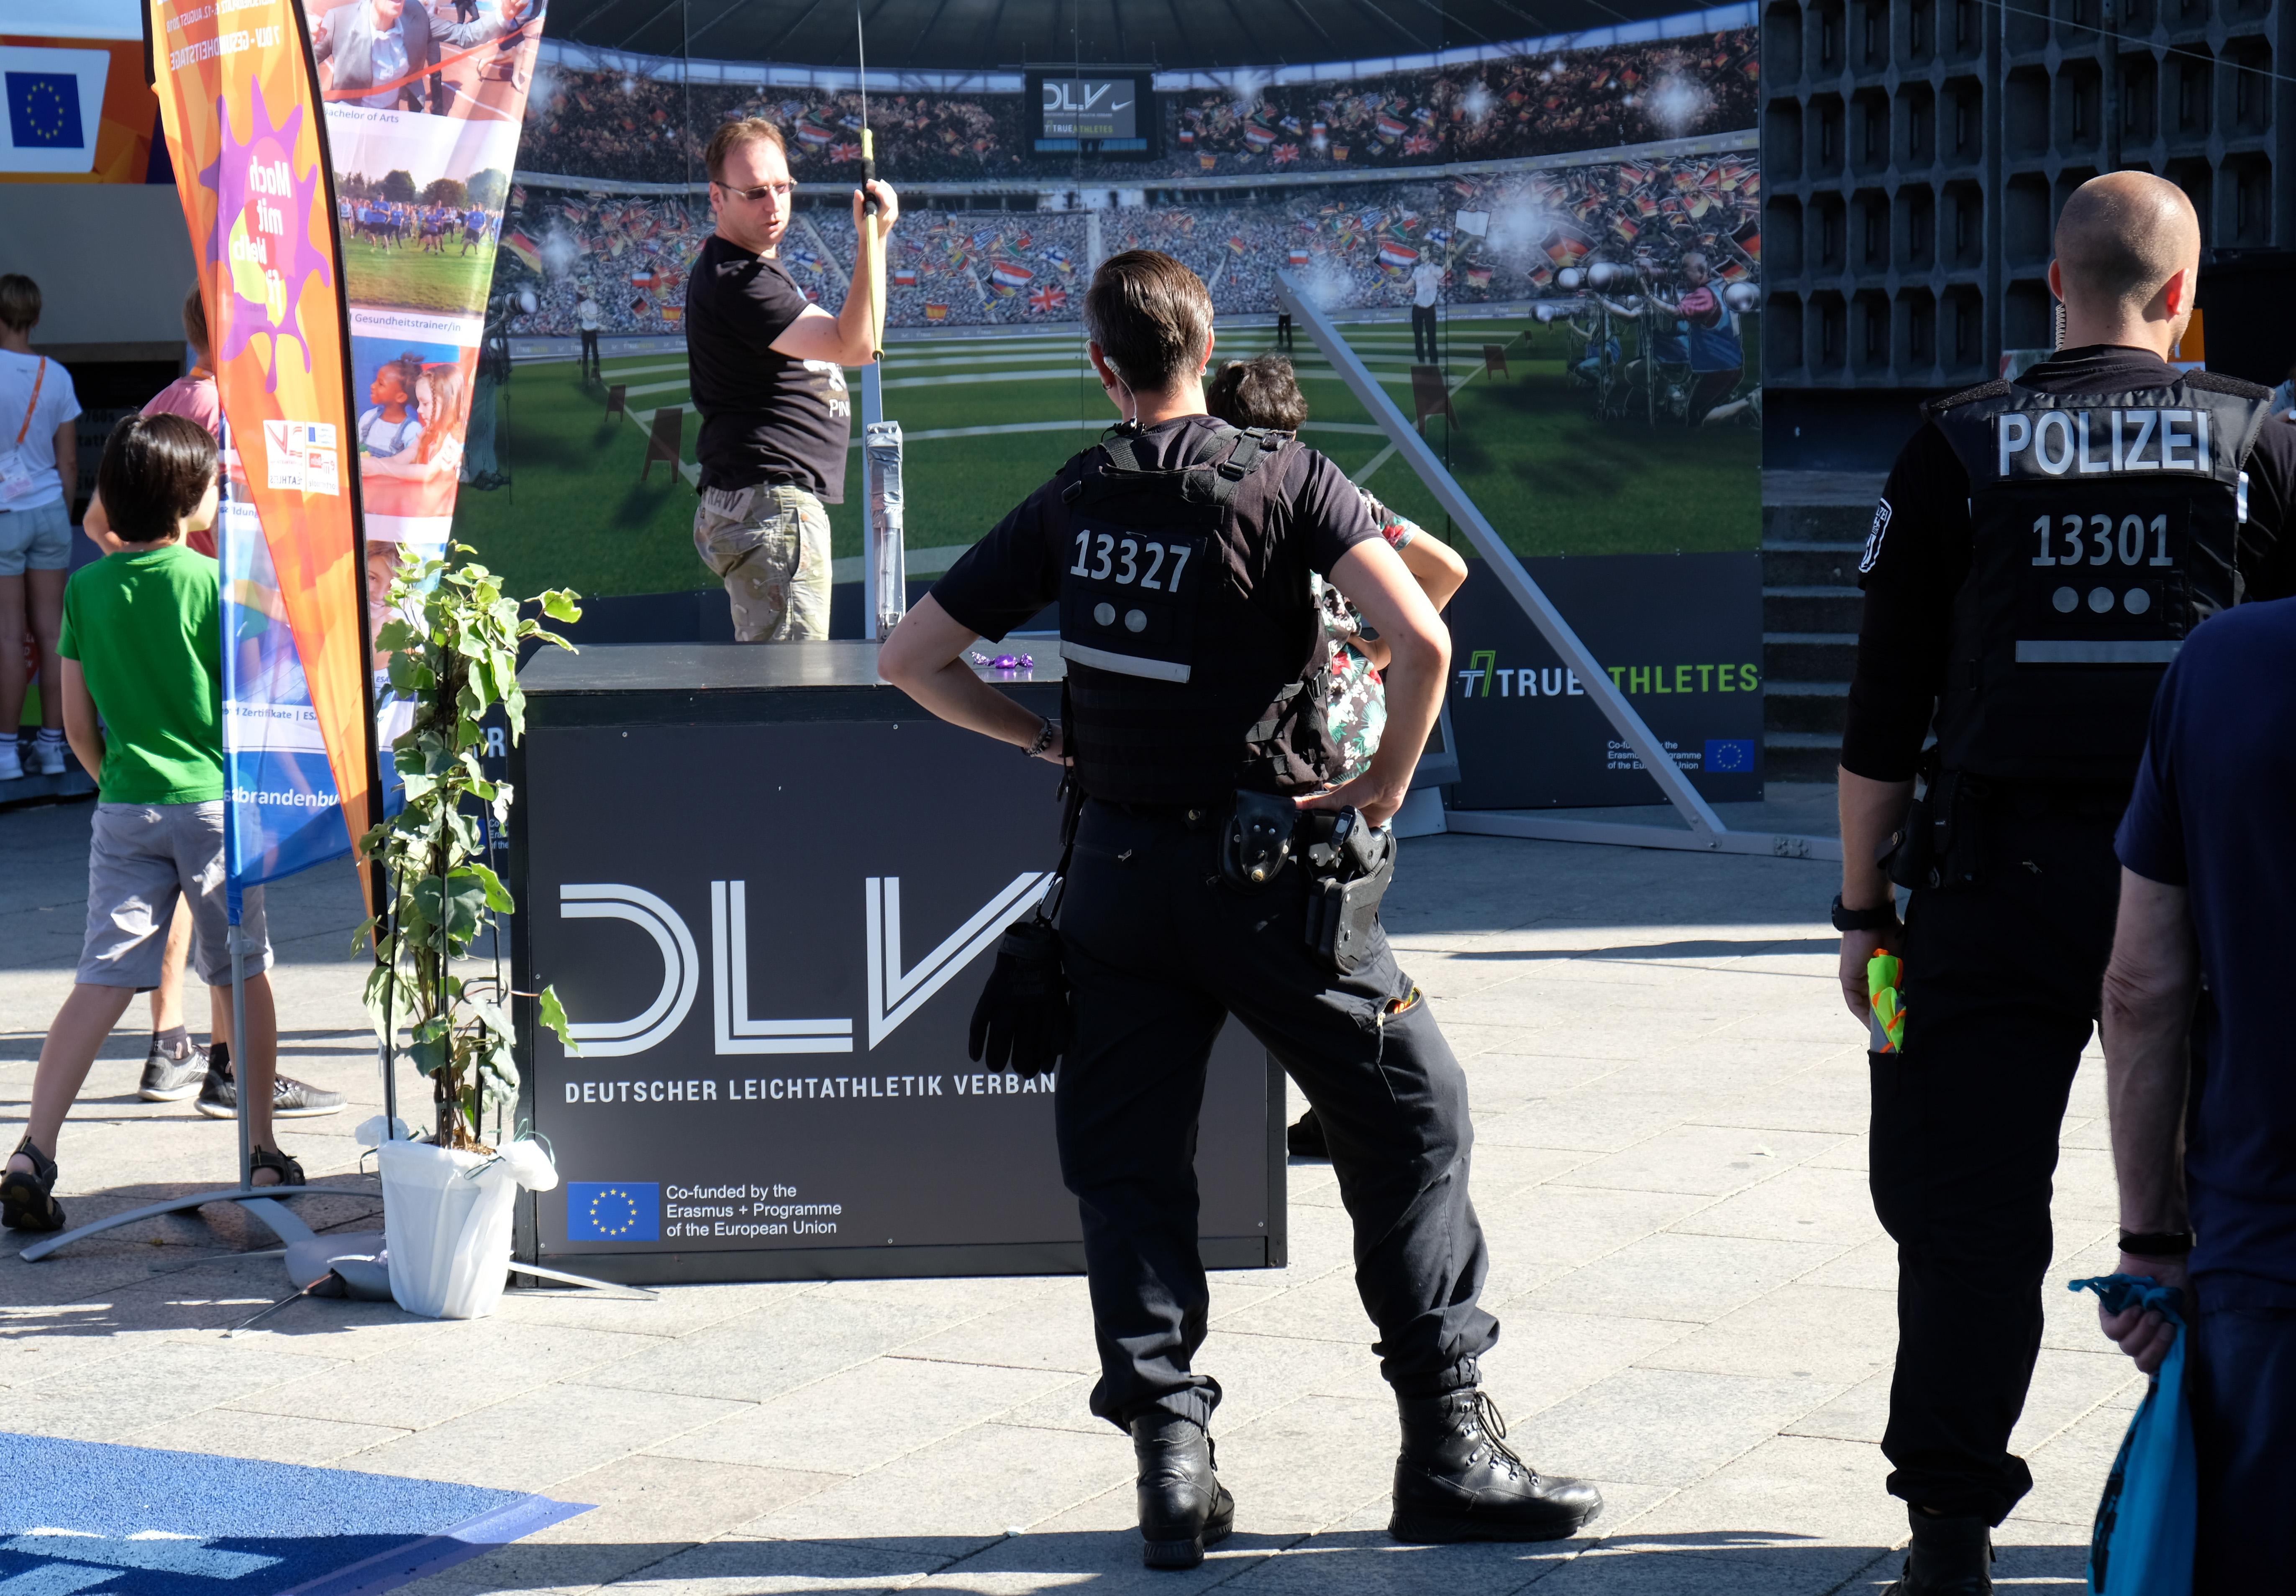 Die Polizei zeigt Präsenz beim Sportfestival am Breitscheidplatz